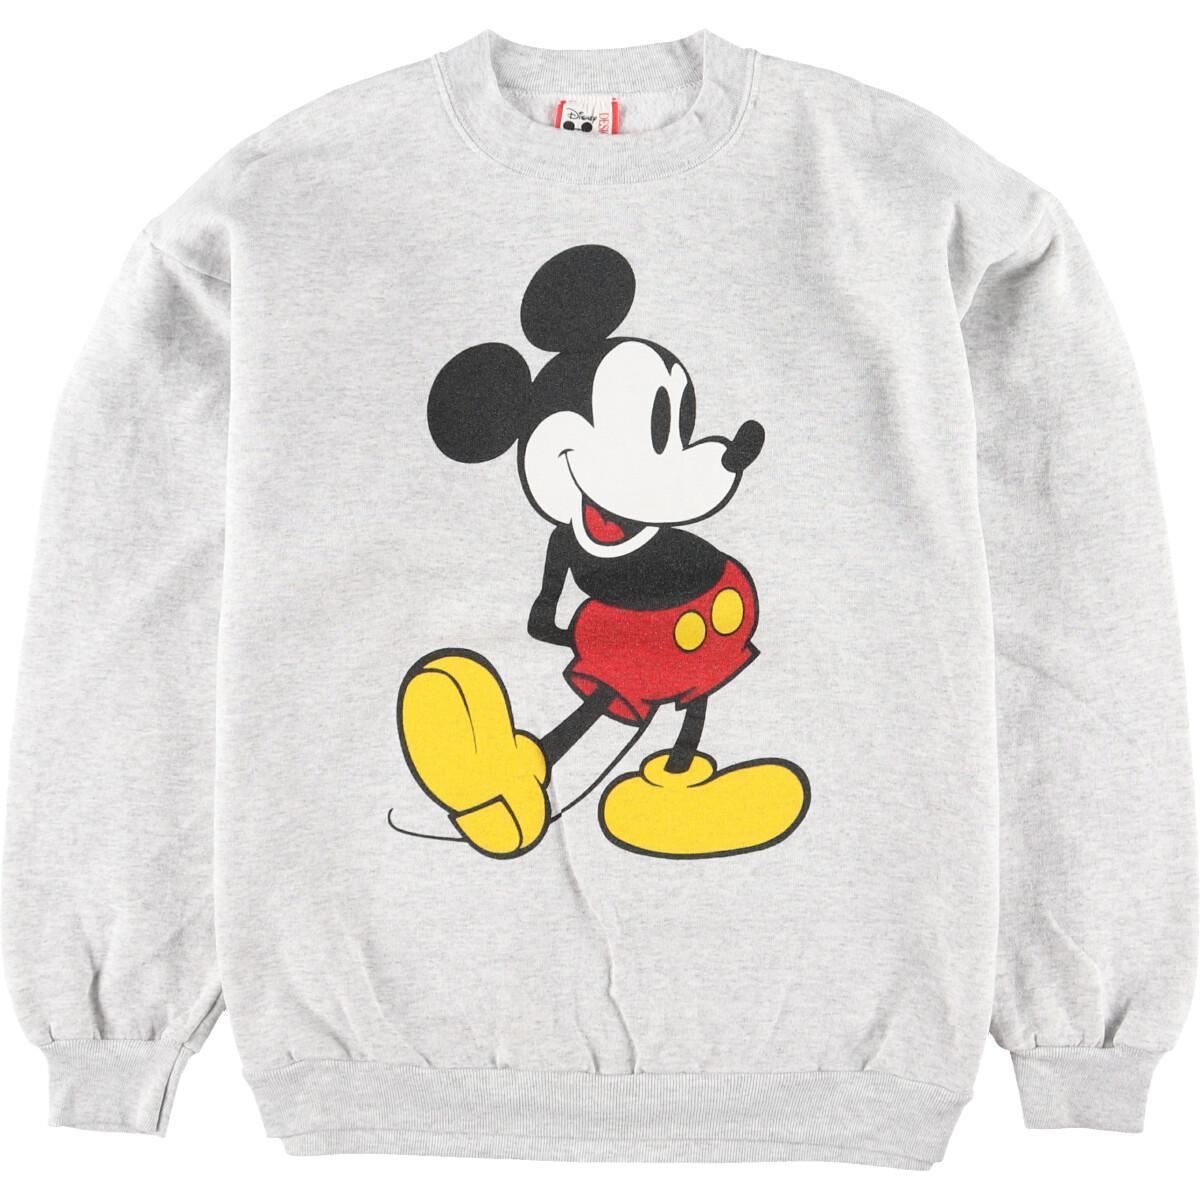 DISNEY DESIGNS MICKEY MOUSE ミッキーマウス キャラクタースウェットシャツ トレーナー